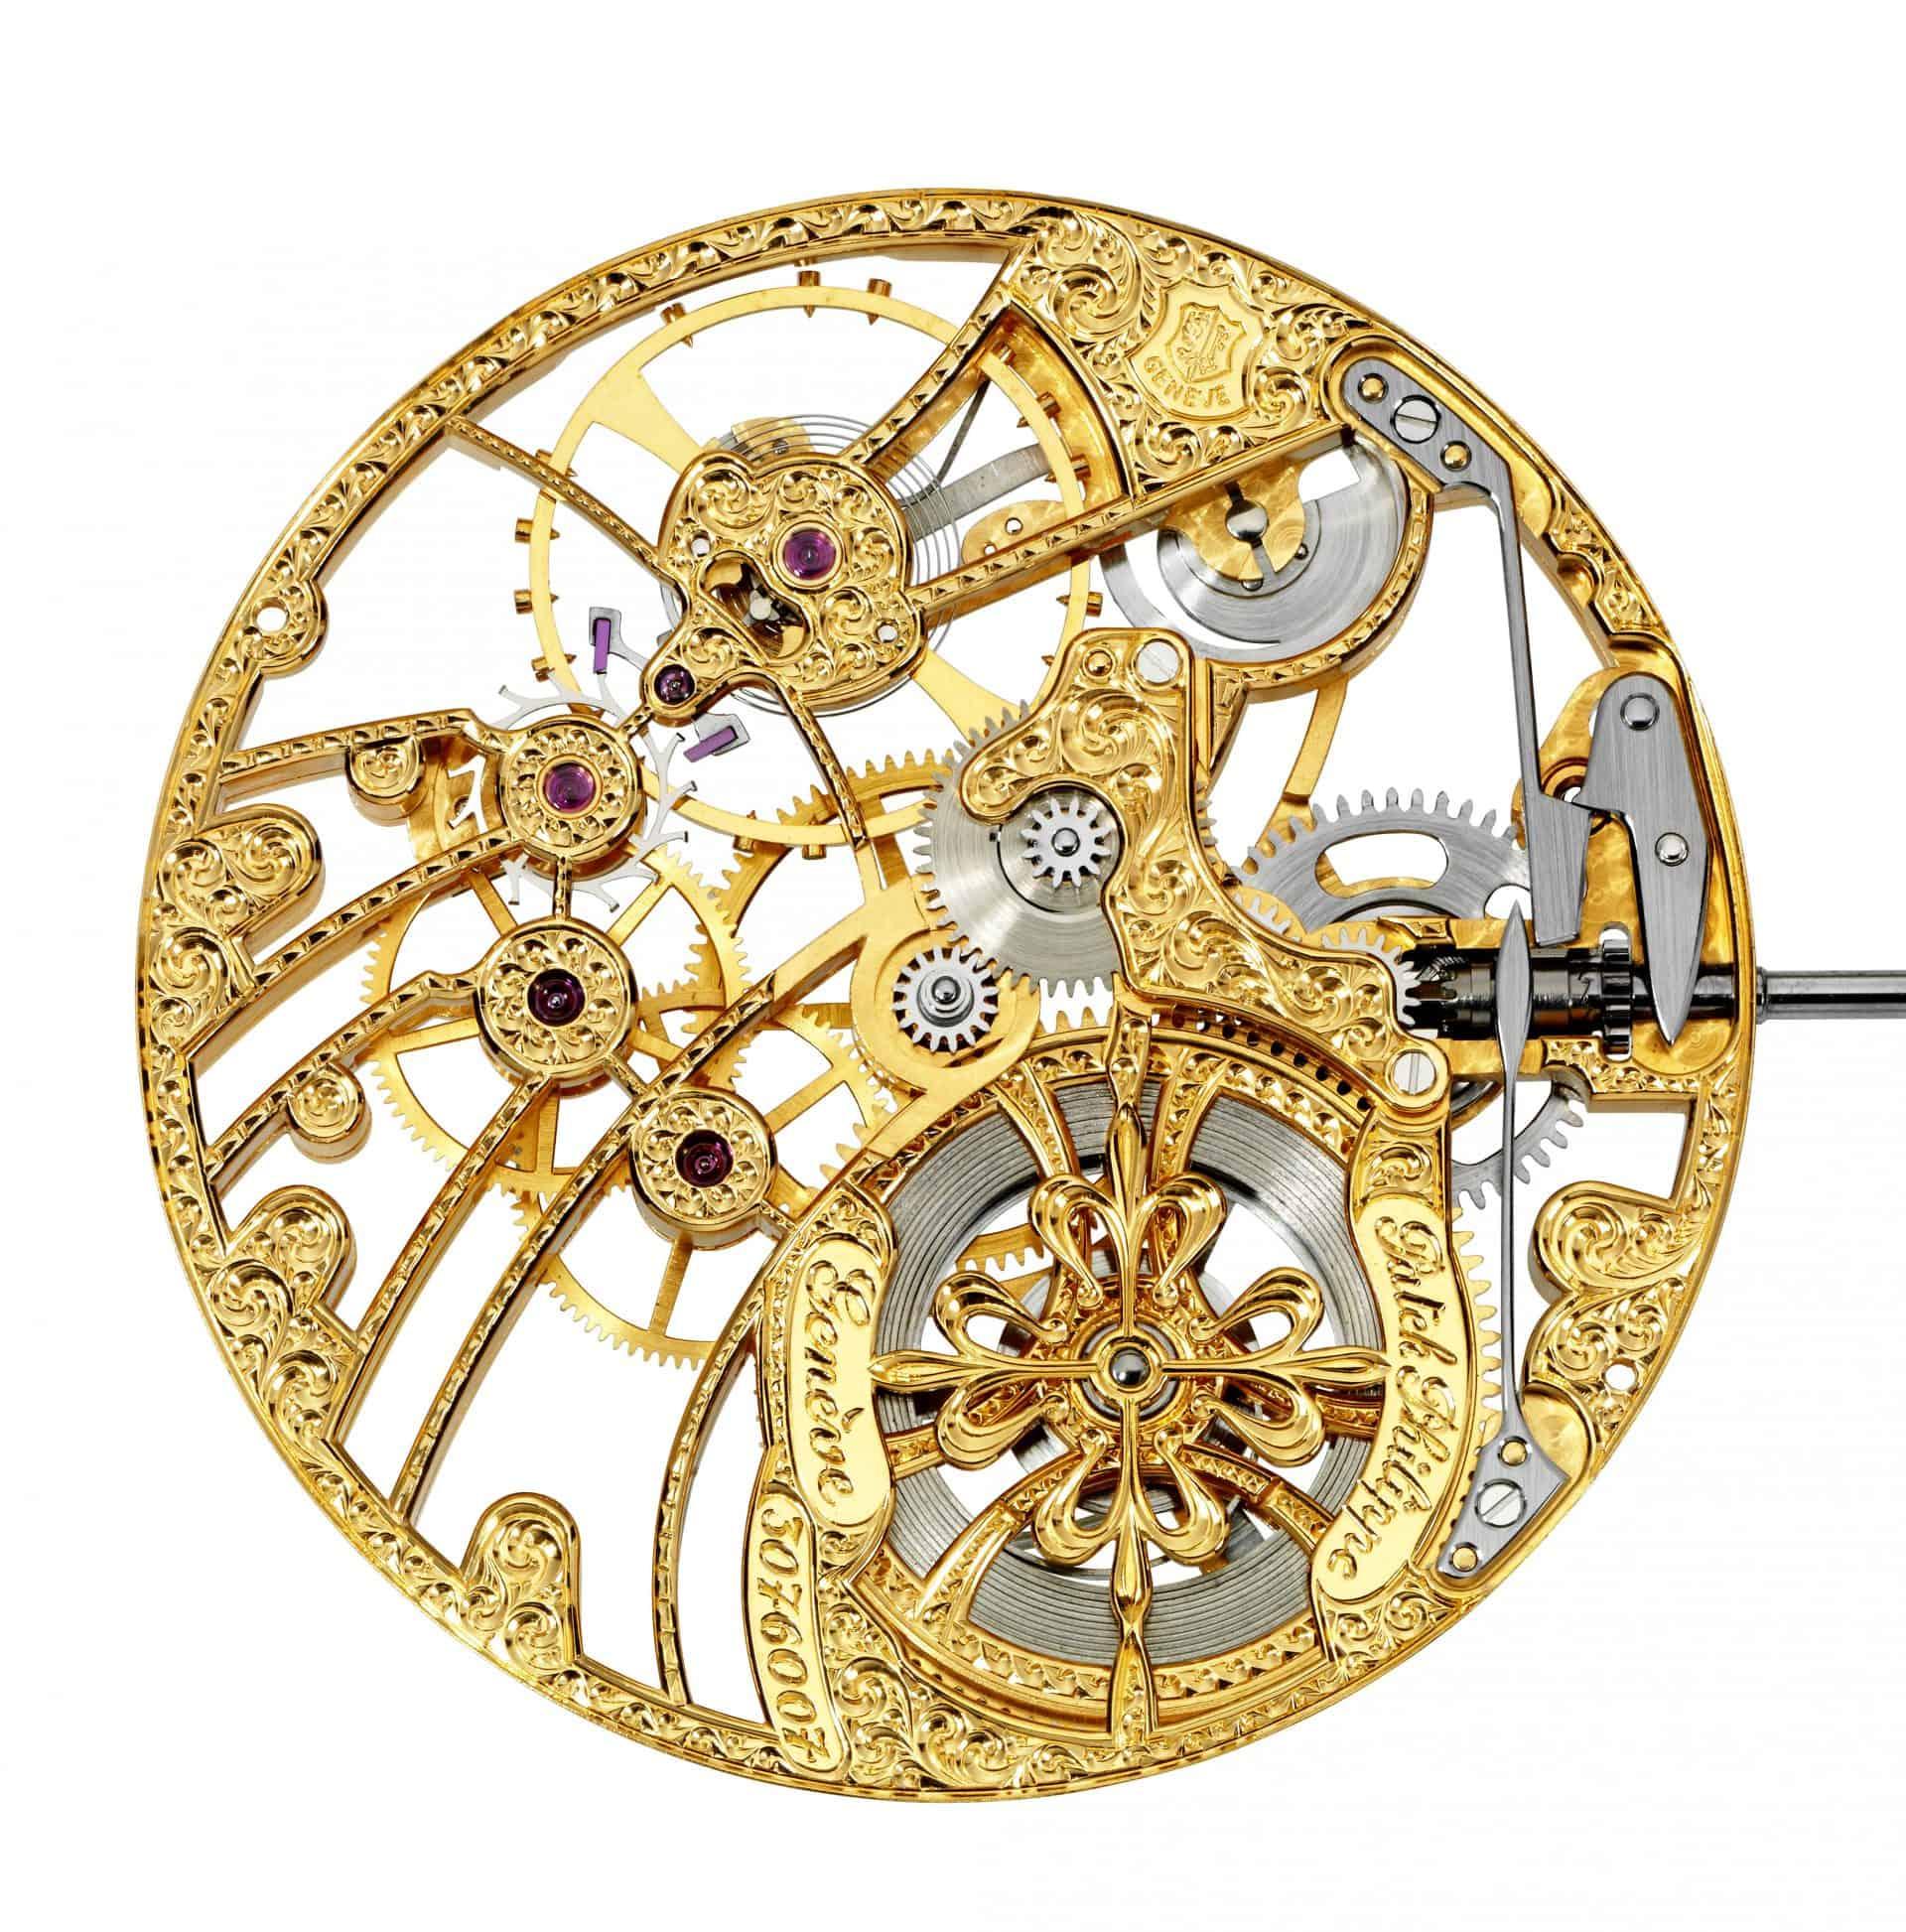 Das Kaliber 17 Lépine haben die Uhrmacher von Patek Philippe skelettiert